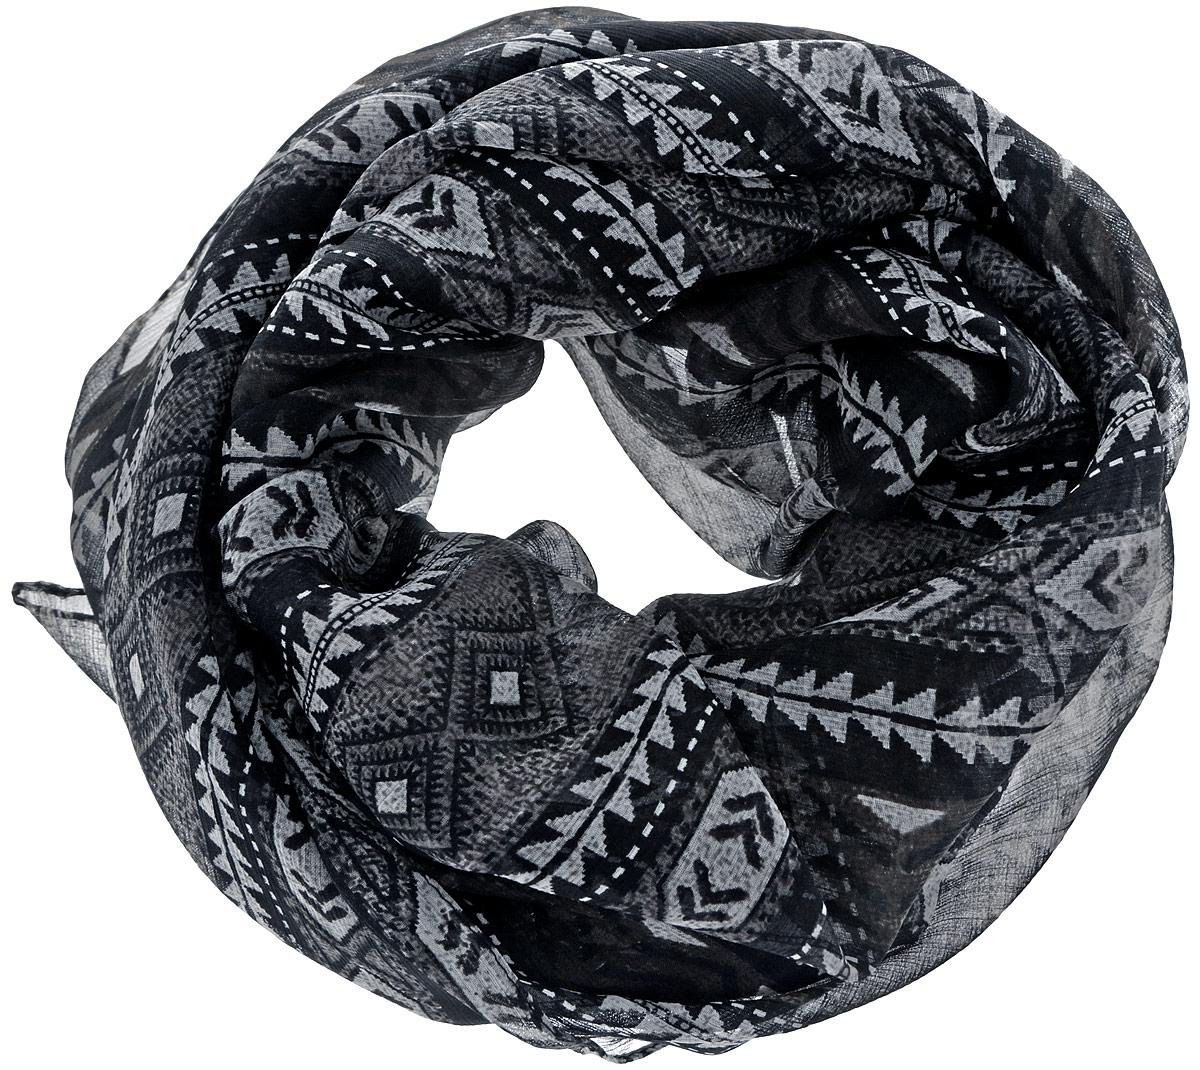 Платок524040нСтильный женский платок Ethnica станет великолепным завершением любого наряда. Платок изготовлен из 100% вискозы и оформлен оригинальным принтом в полоску. Классическая квадратная форма позволяет носить платок на шее, украшать им прическу или декорировать сумочку. Такой платок превосходно дополнит любой наряд и подчеркнет ваш неповторимый вкус и элегантность.